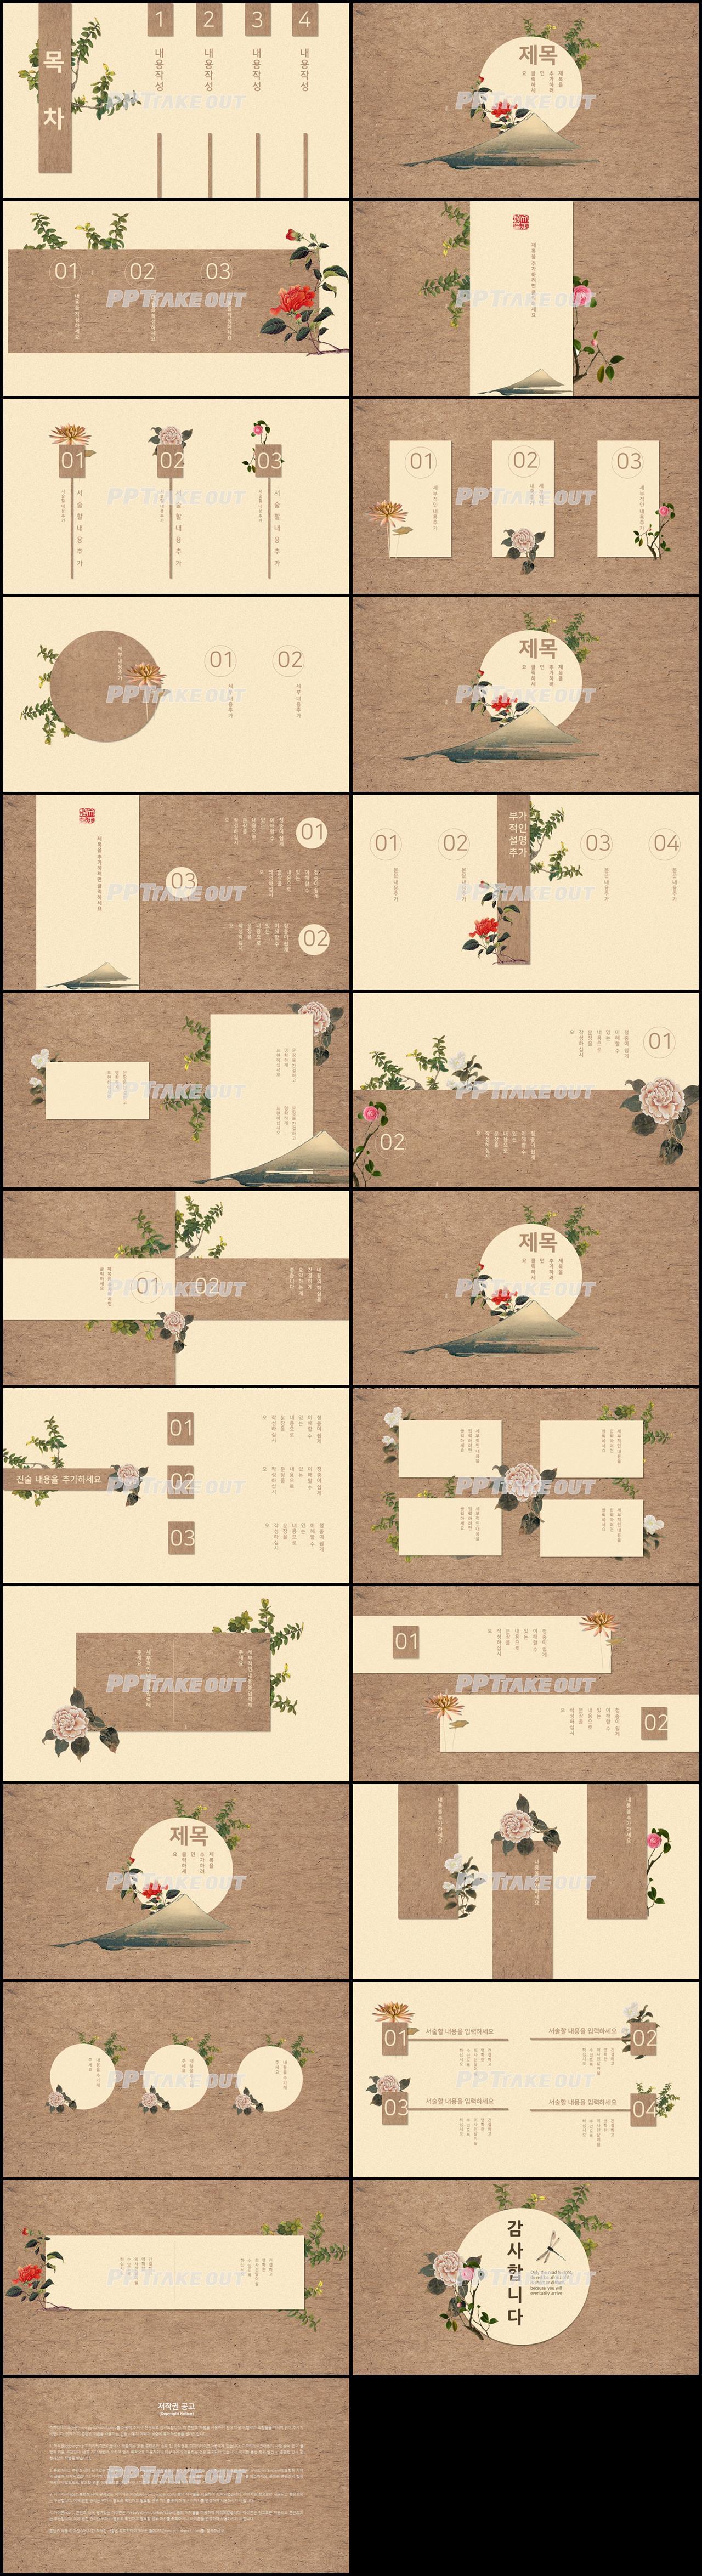 화초, 동식물 브라운 아담한 프레젠테이션 PPT템플릿 만들기 상세보기